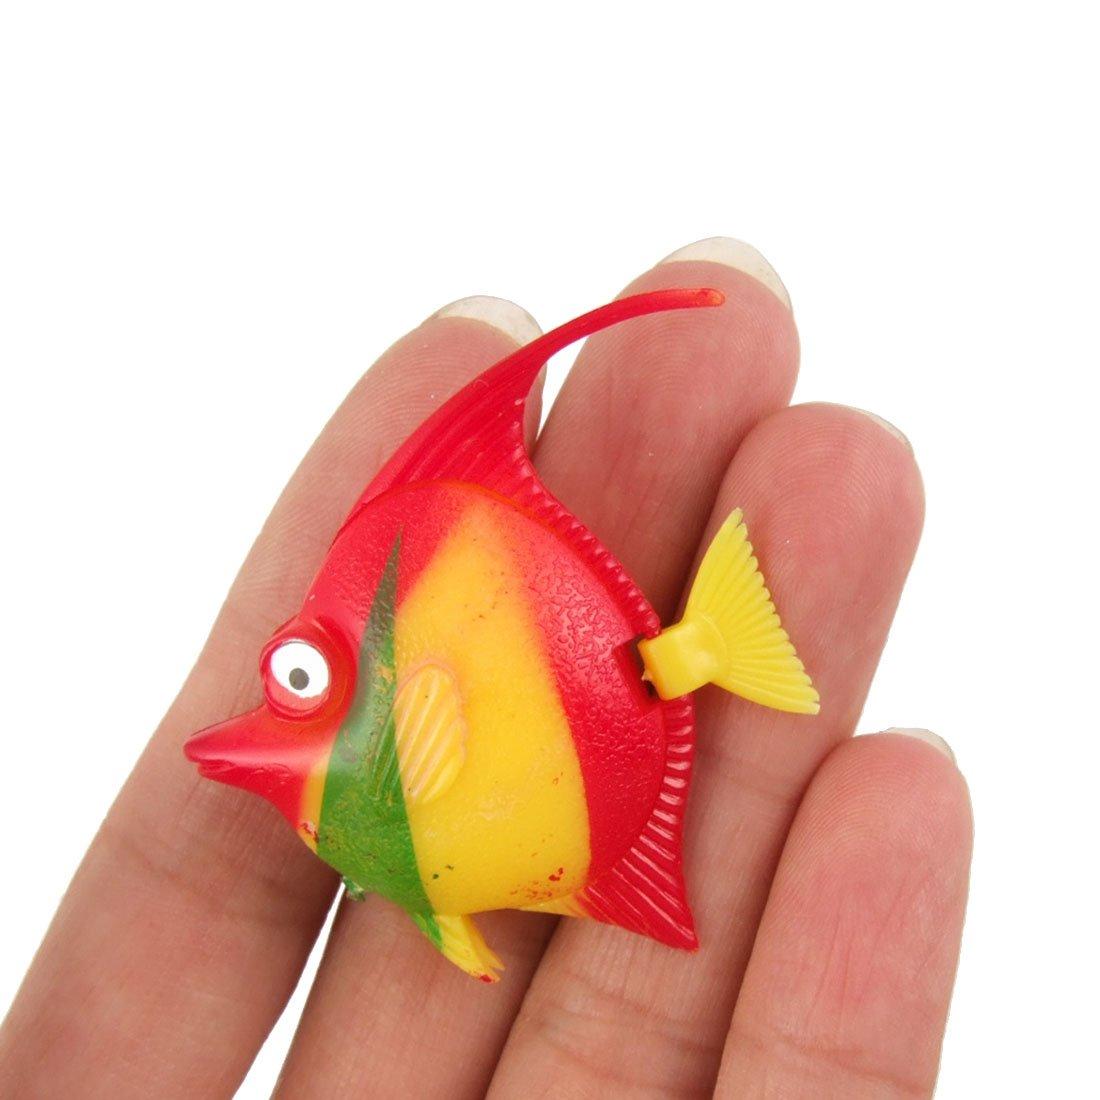 Amazon.com : 4 Pcs Artificial Plastic Tropical Fish for Aquarium ...